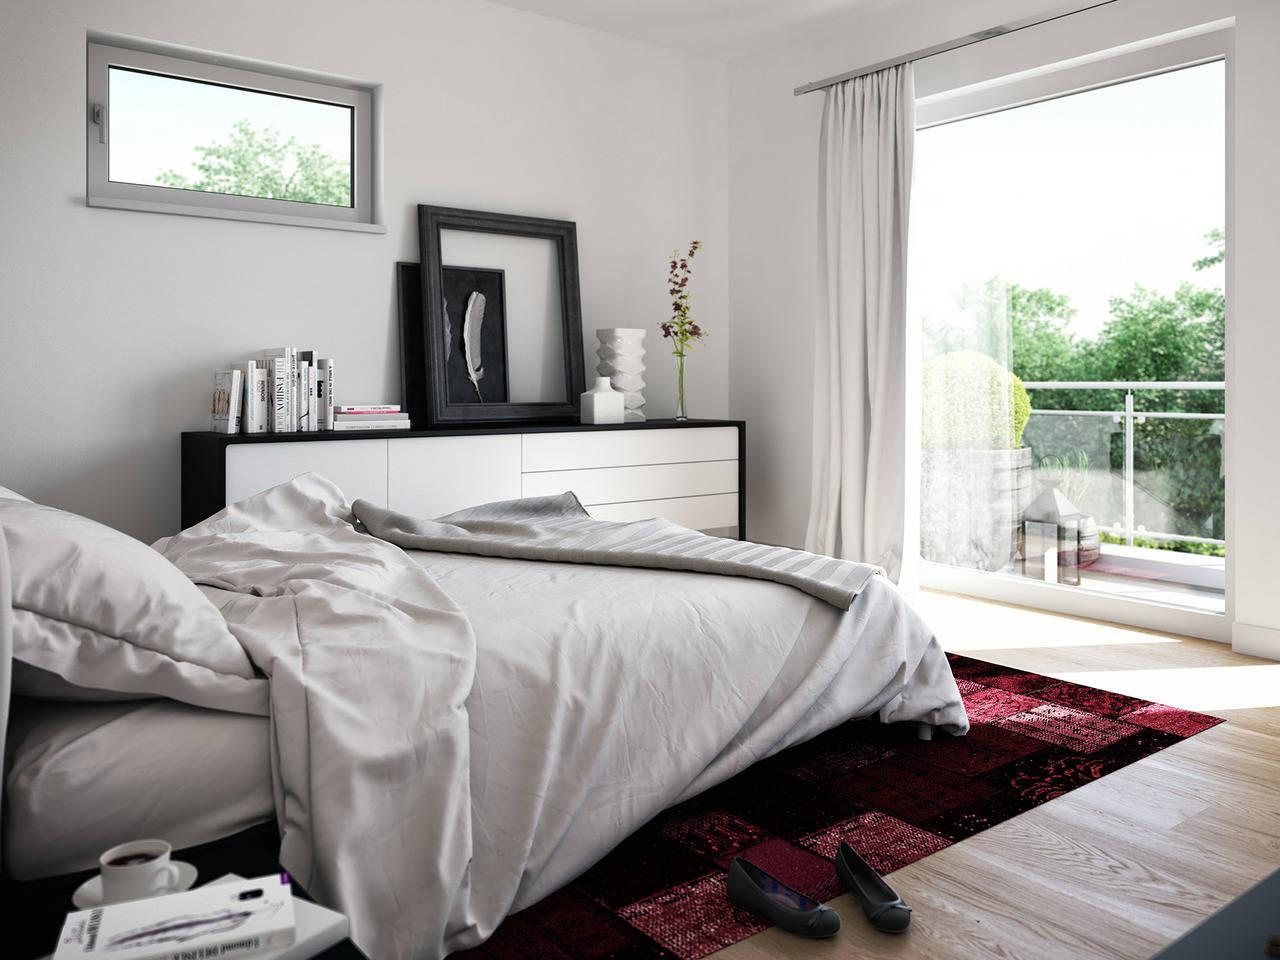 Haus SOLUTION 134 V10 Schlafzimmer von Living Haus